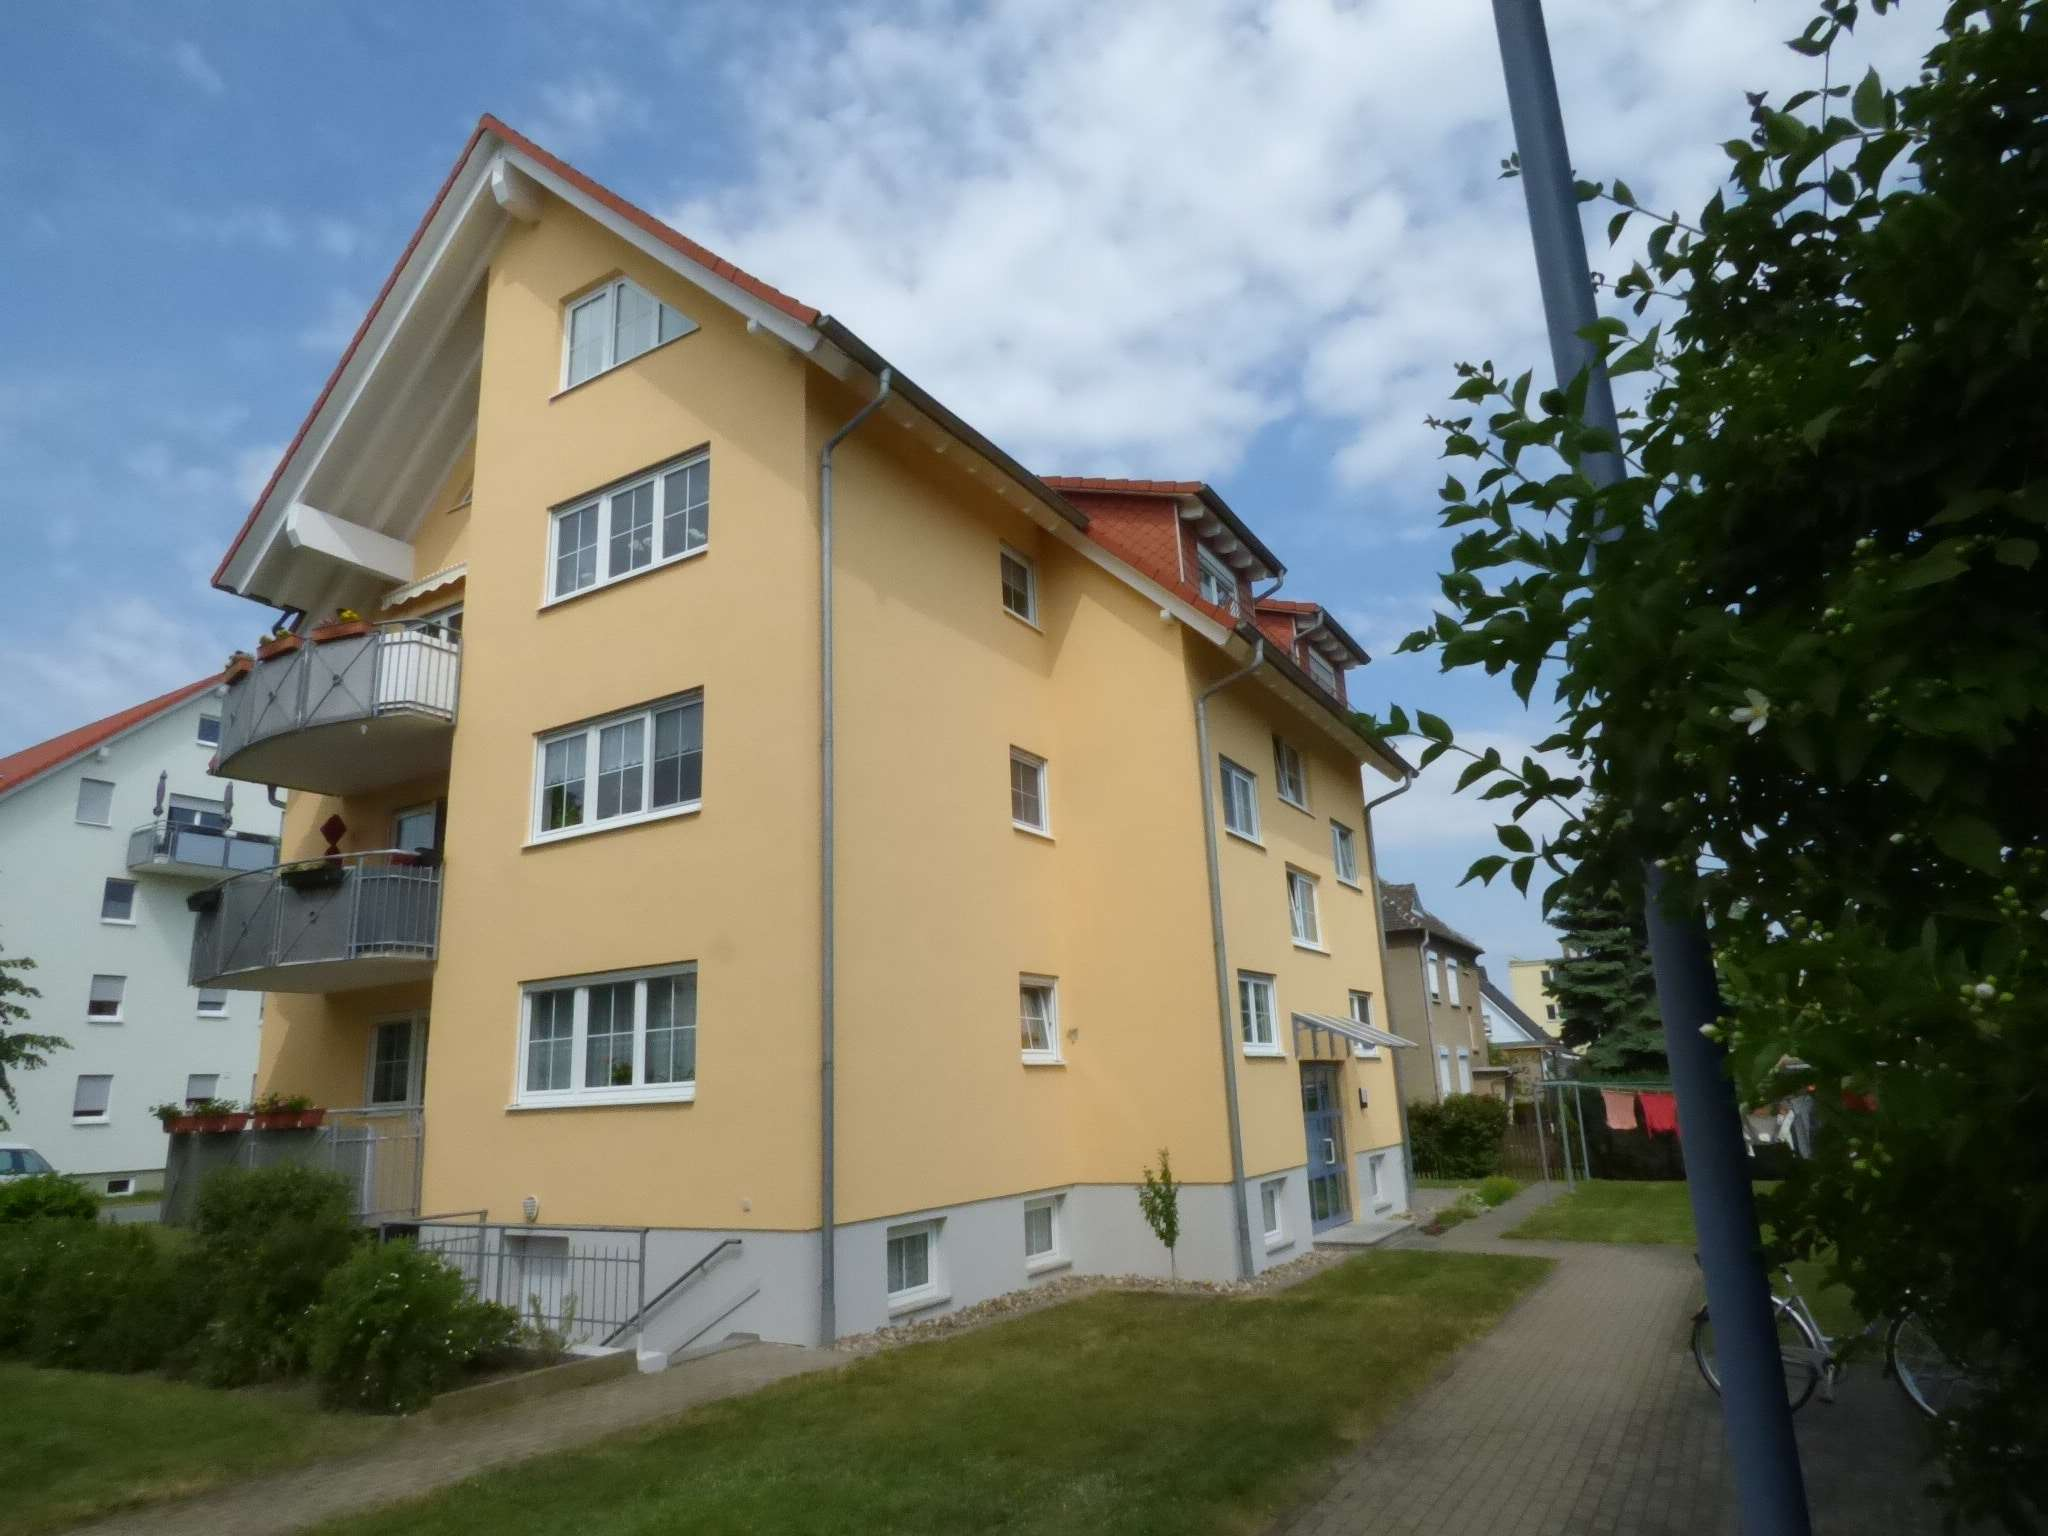 Riesa, 4-Raum-Eigentumswohnung, Maisonette mit Balkon in begehrter Wohnlage - Wohnung zum Kauf in Riesa